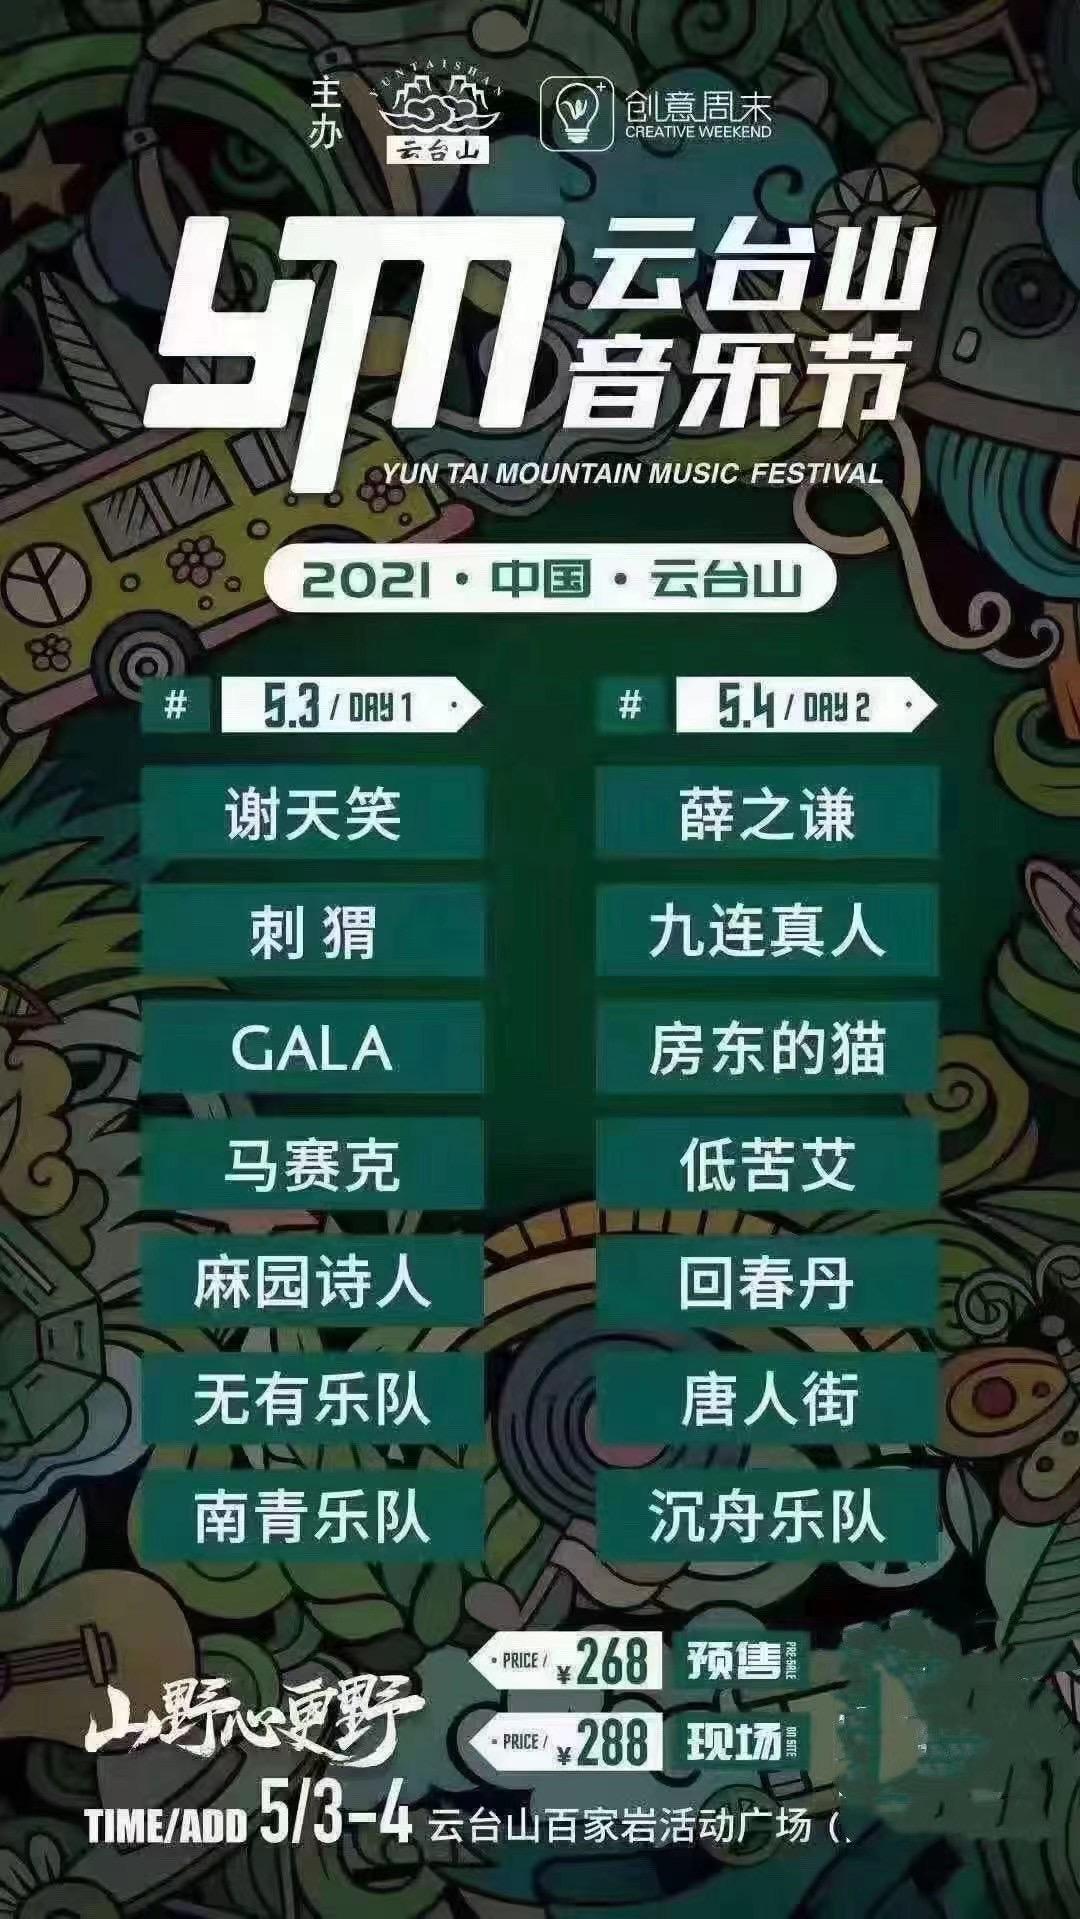 2021云台山音乐节门票在哪里买?